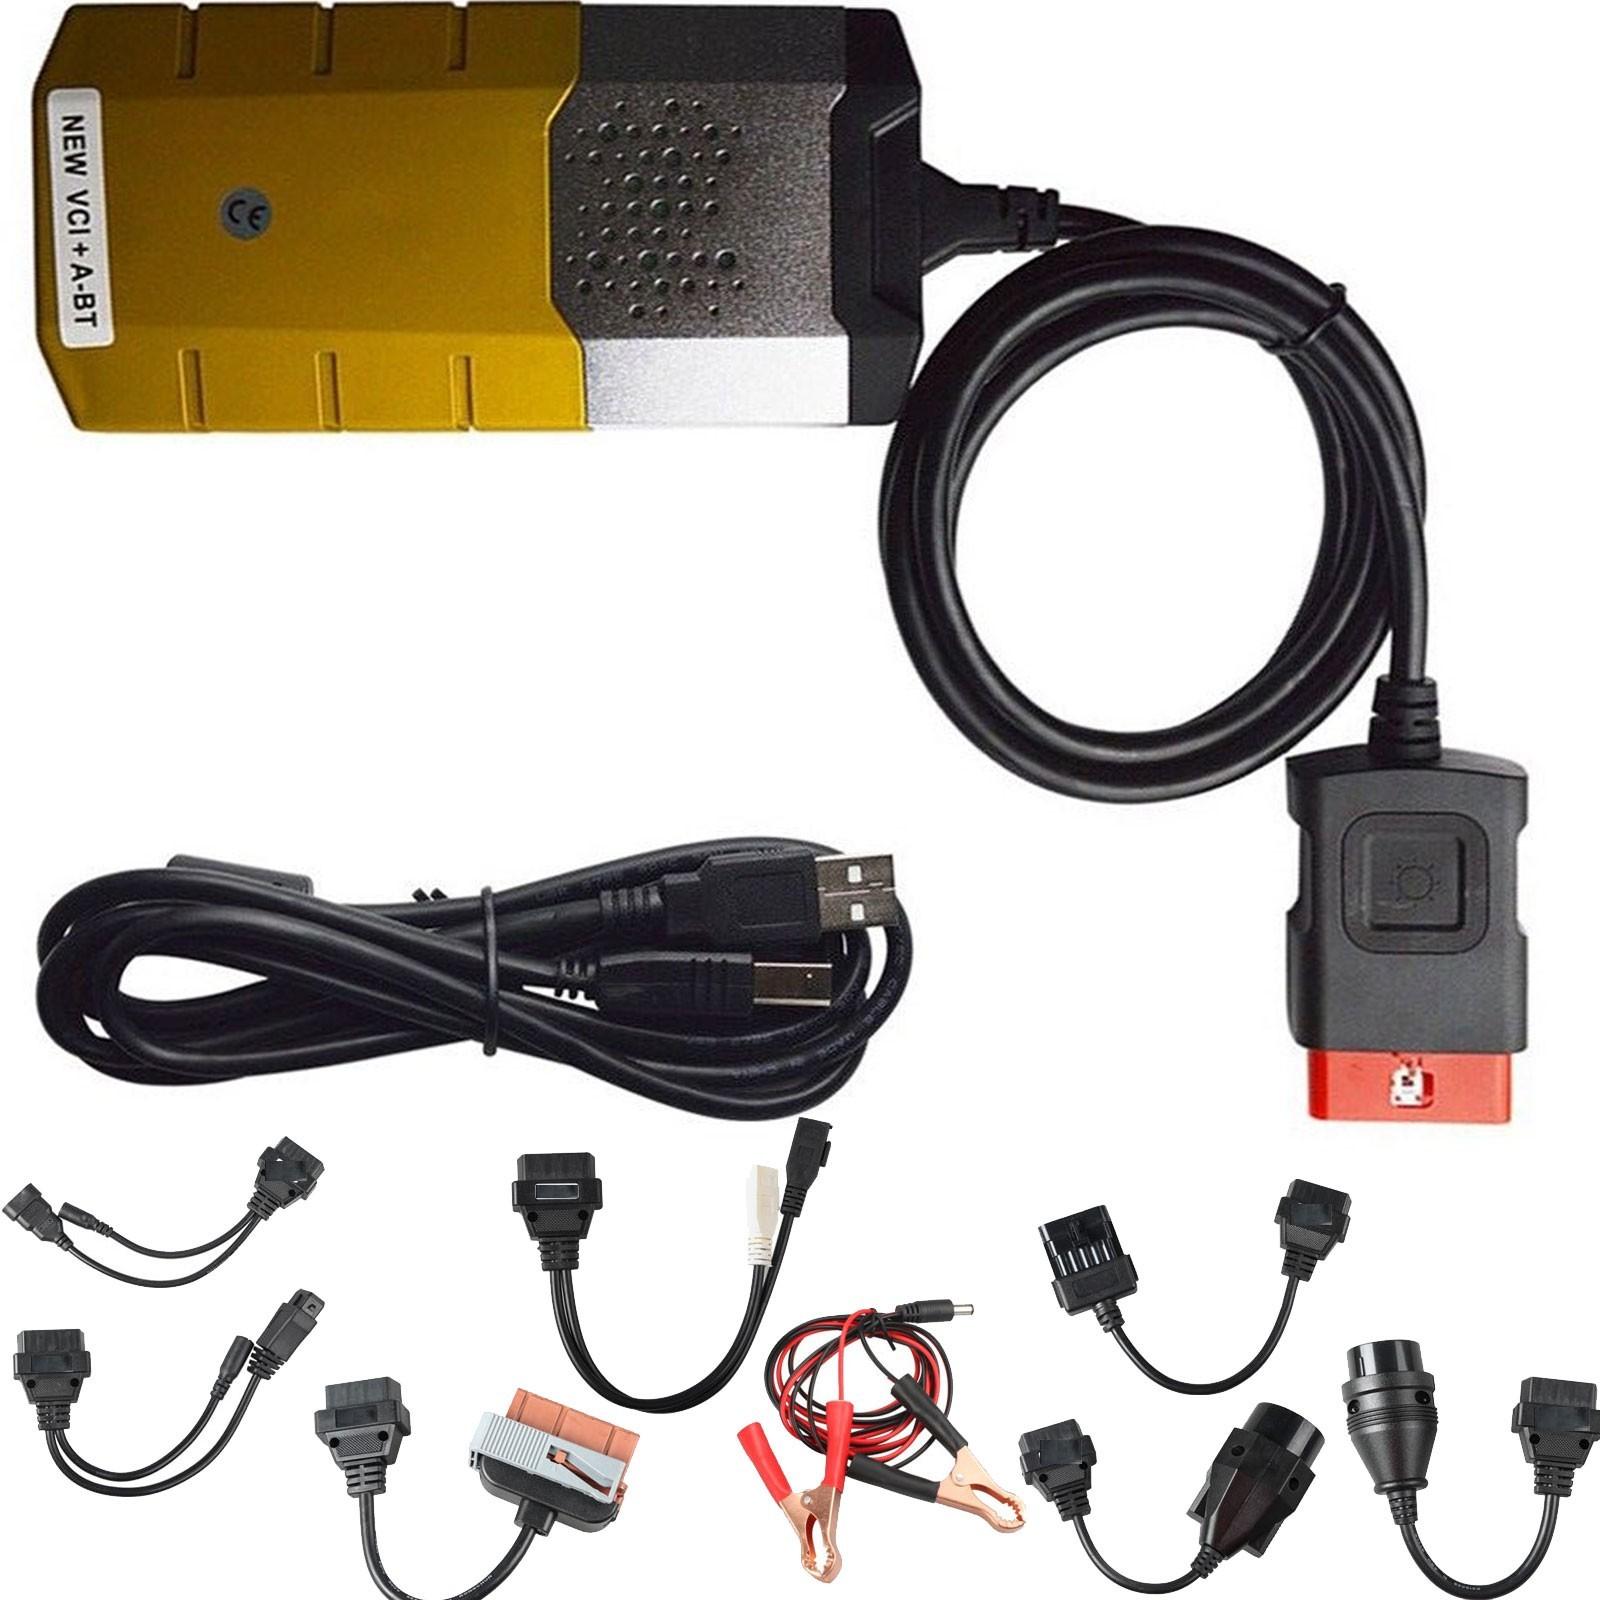 Diagnostic Machine - Gold Version & Complete Cables Set ARREGLATELO - 1